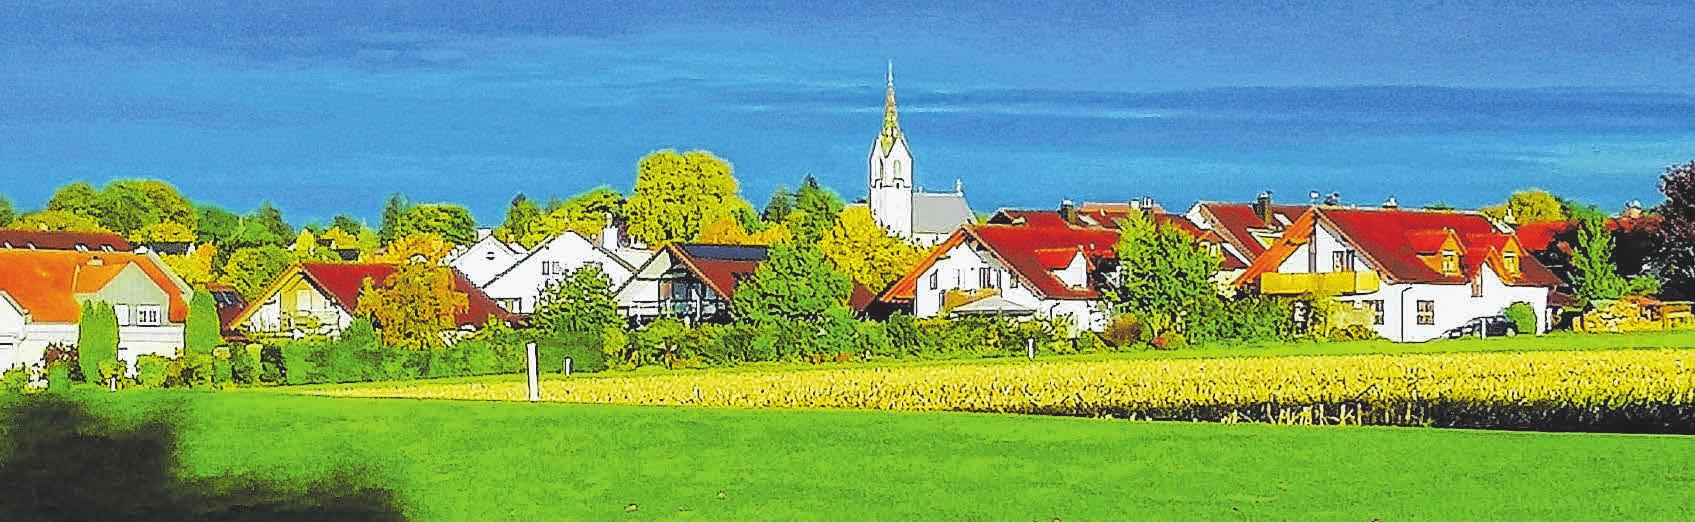 Die Sonnenterrasse Ravensburgs Image 2